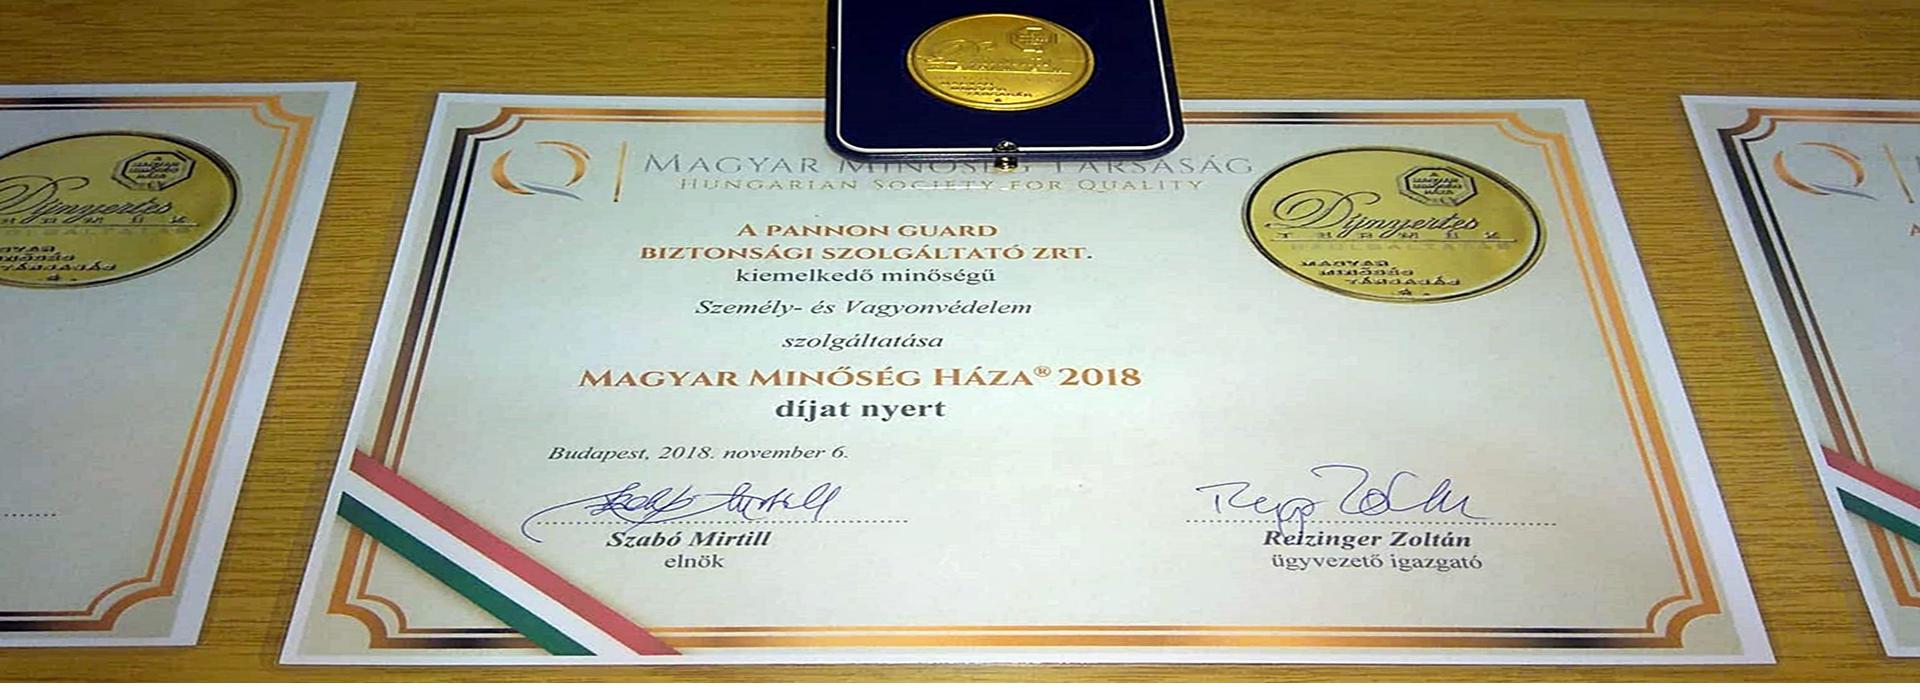 Magyar Minőség Háza 2018. Díjban részesült a Pannon Guard Zrt.